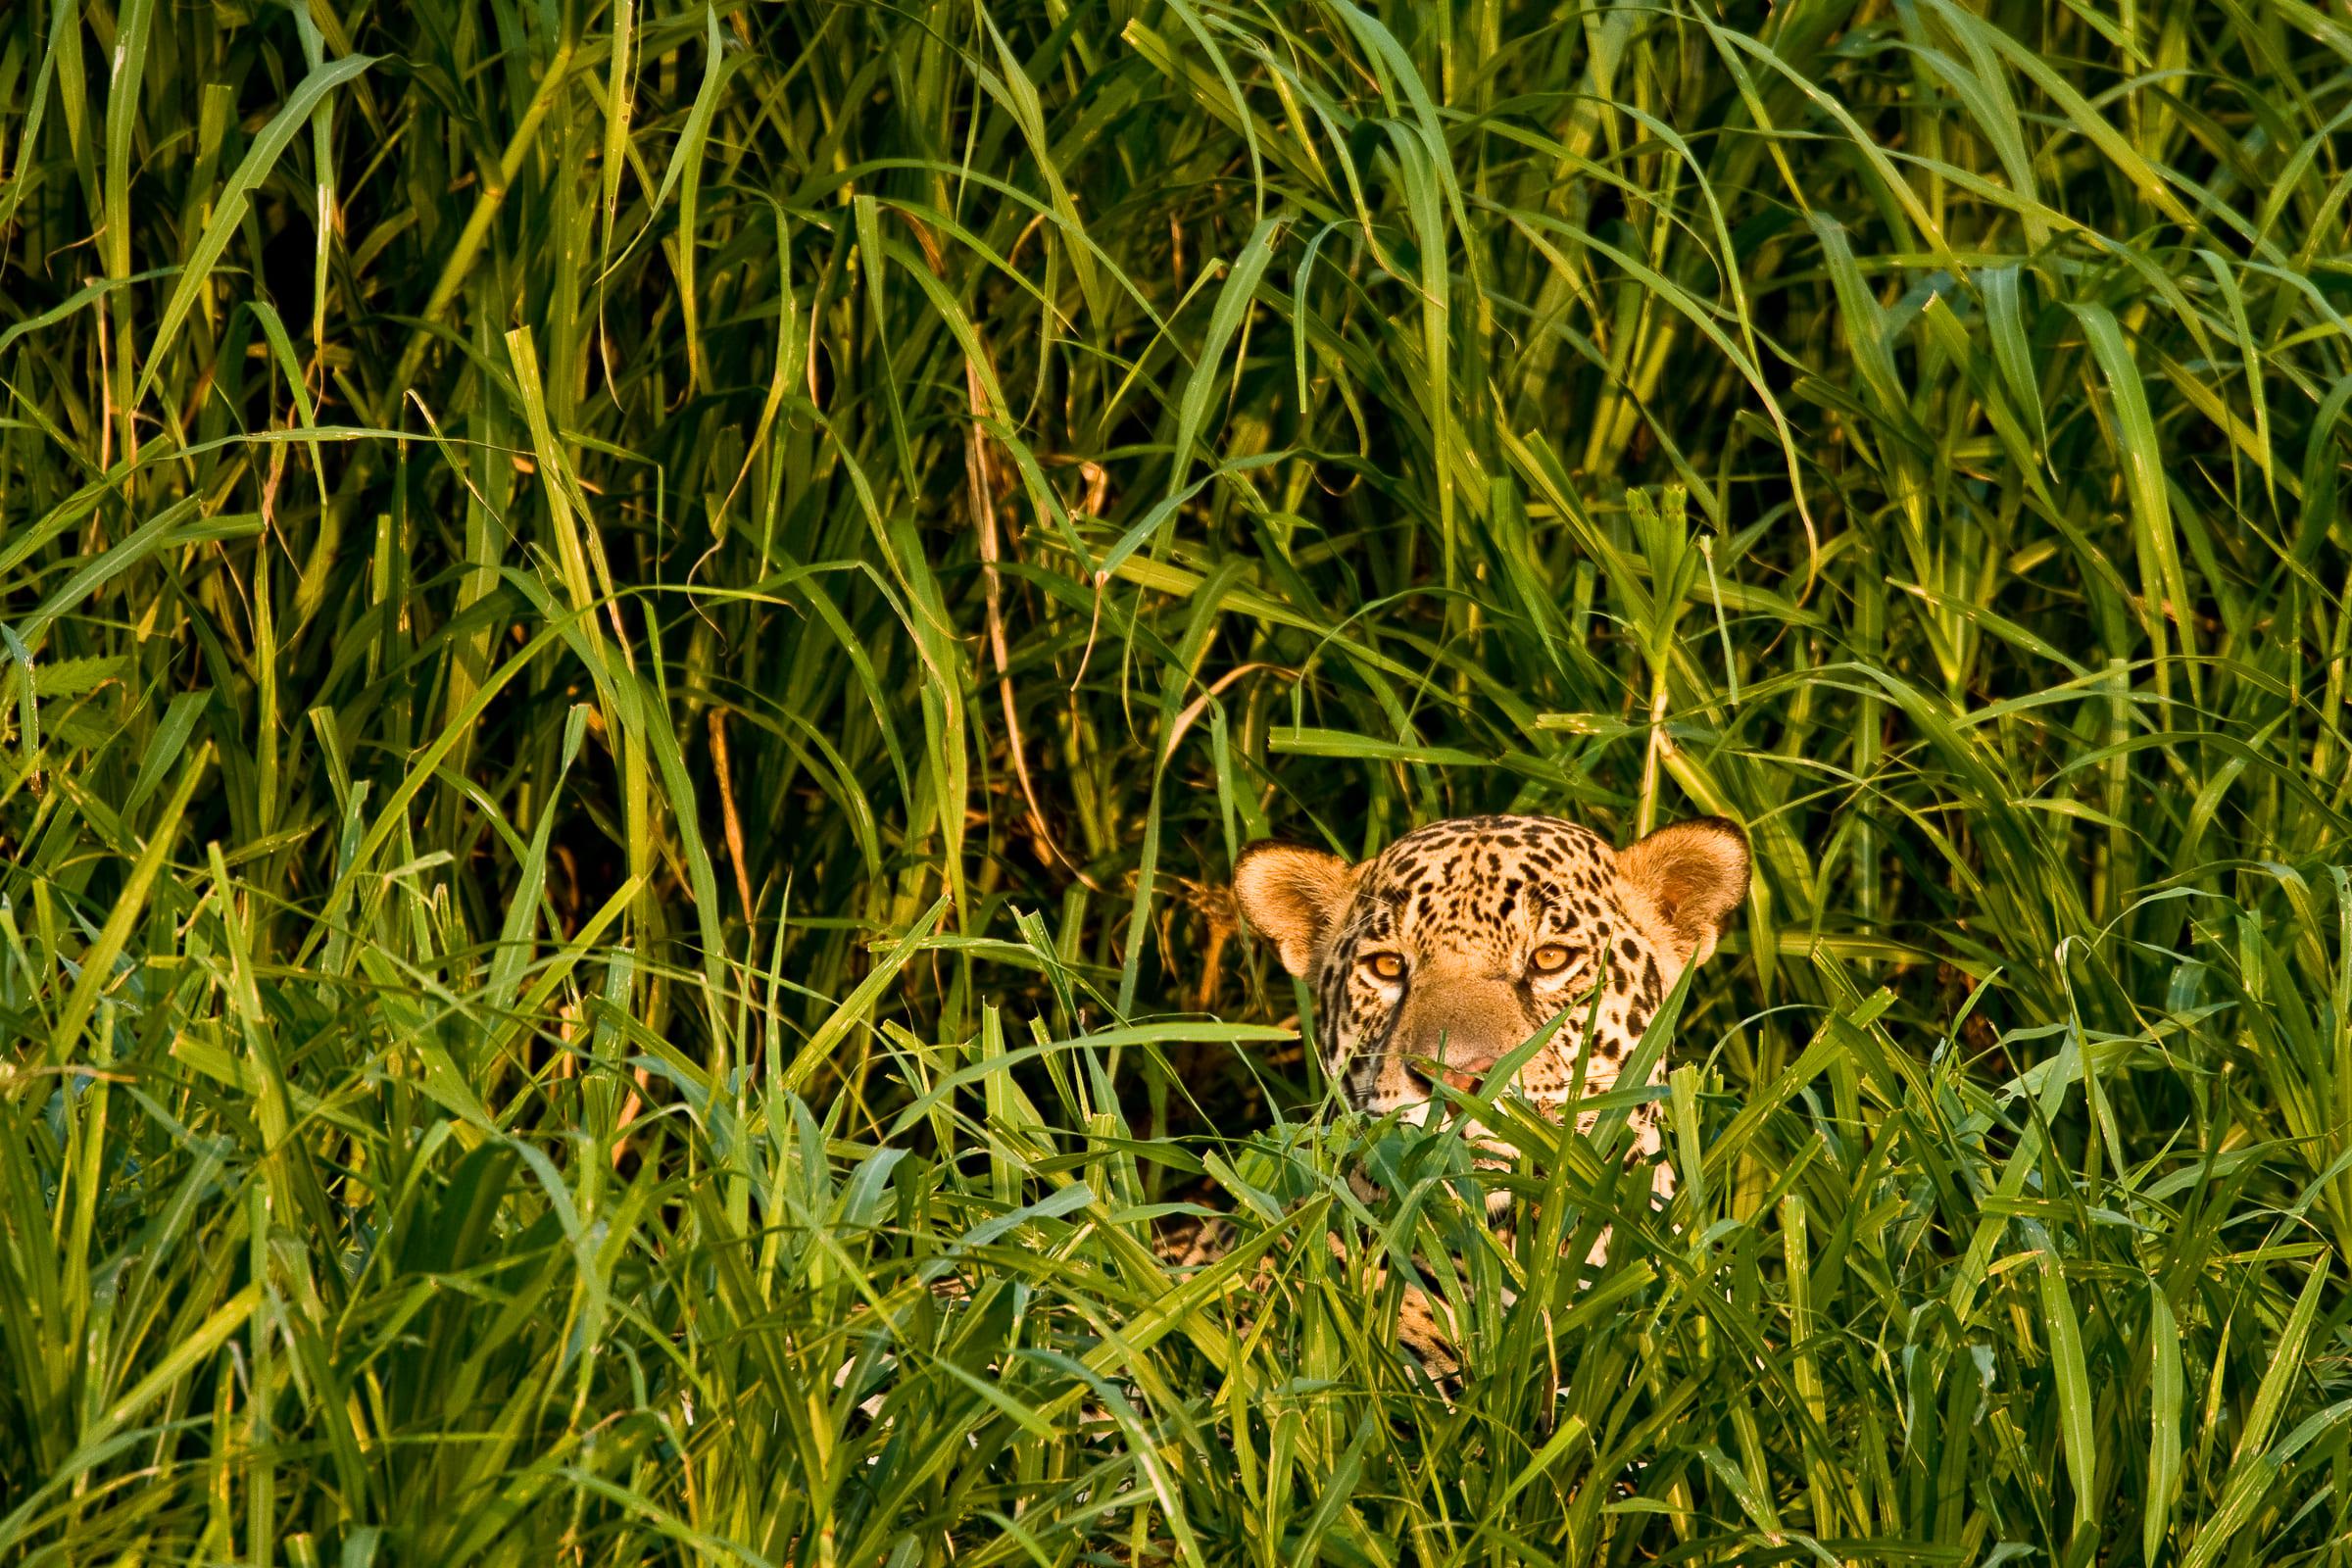 Un jaguar caché dans les herbes